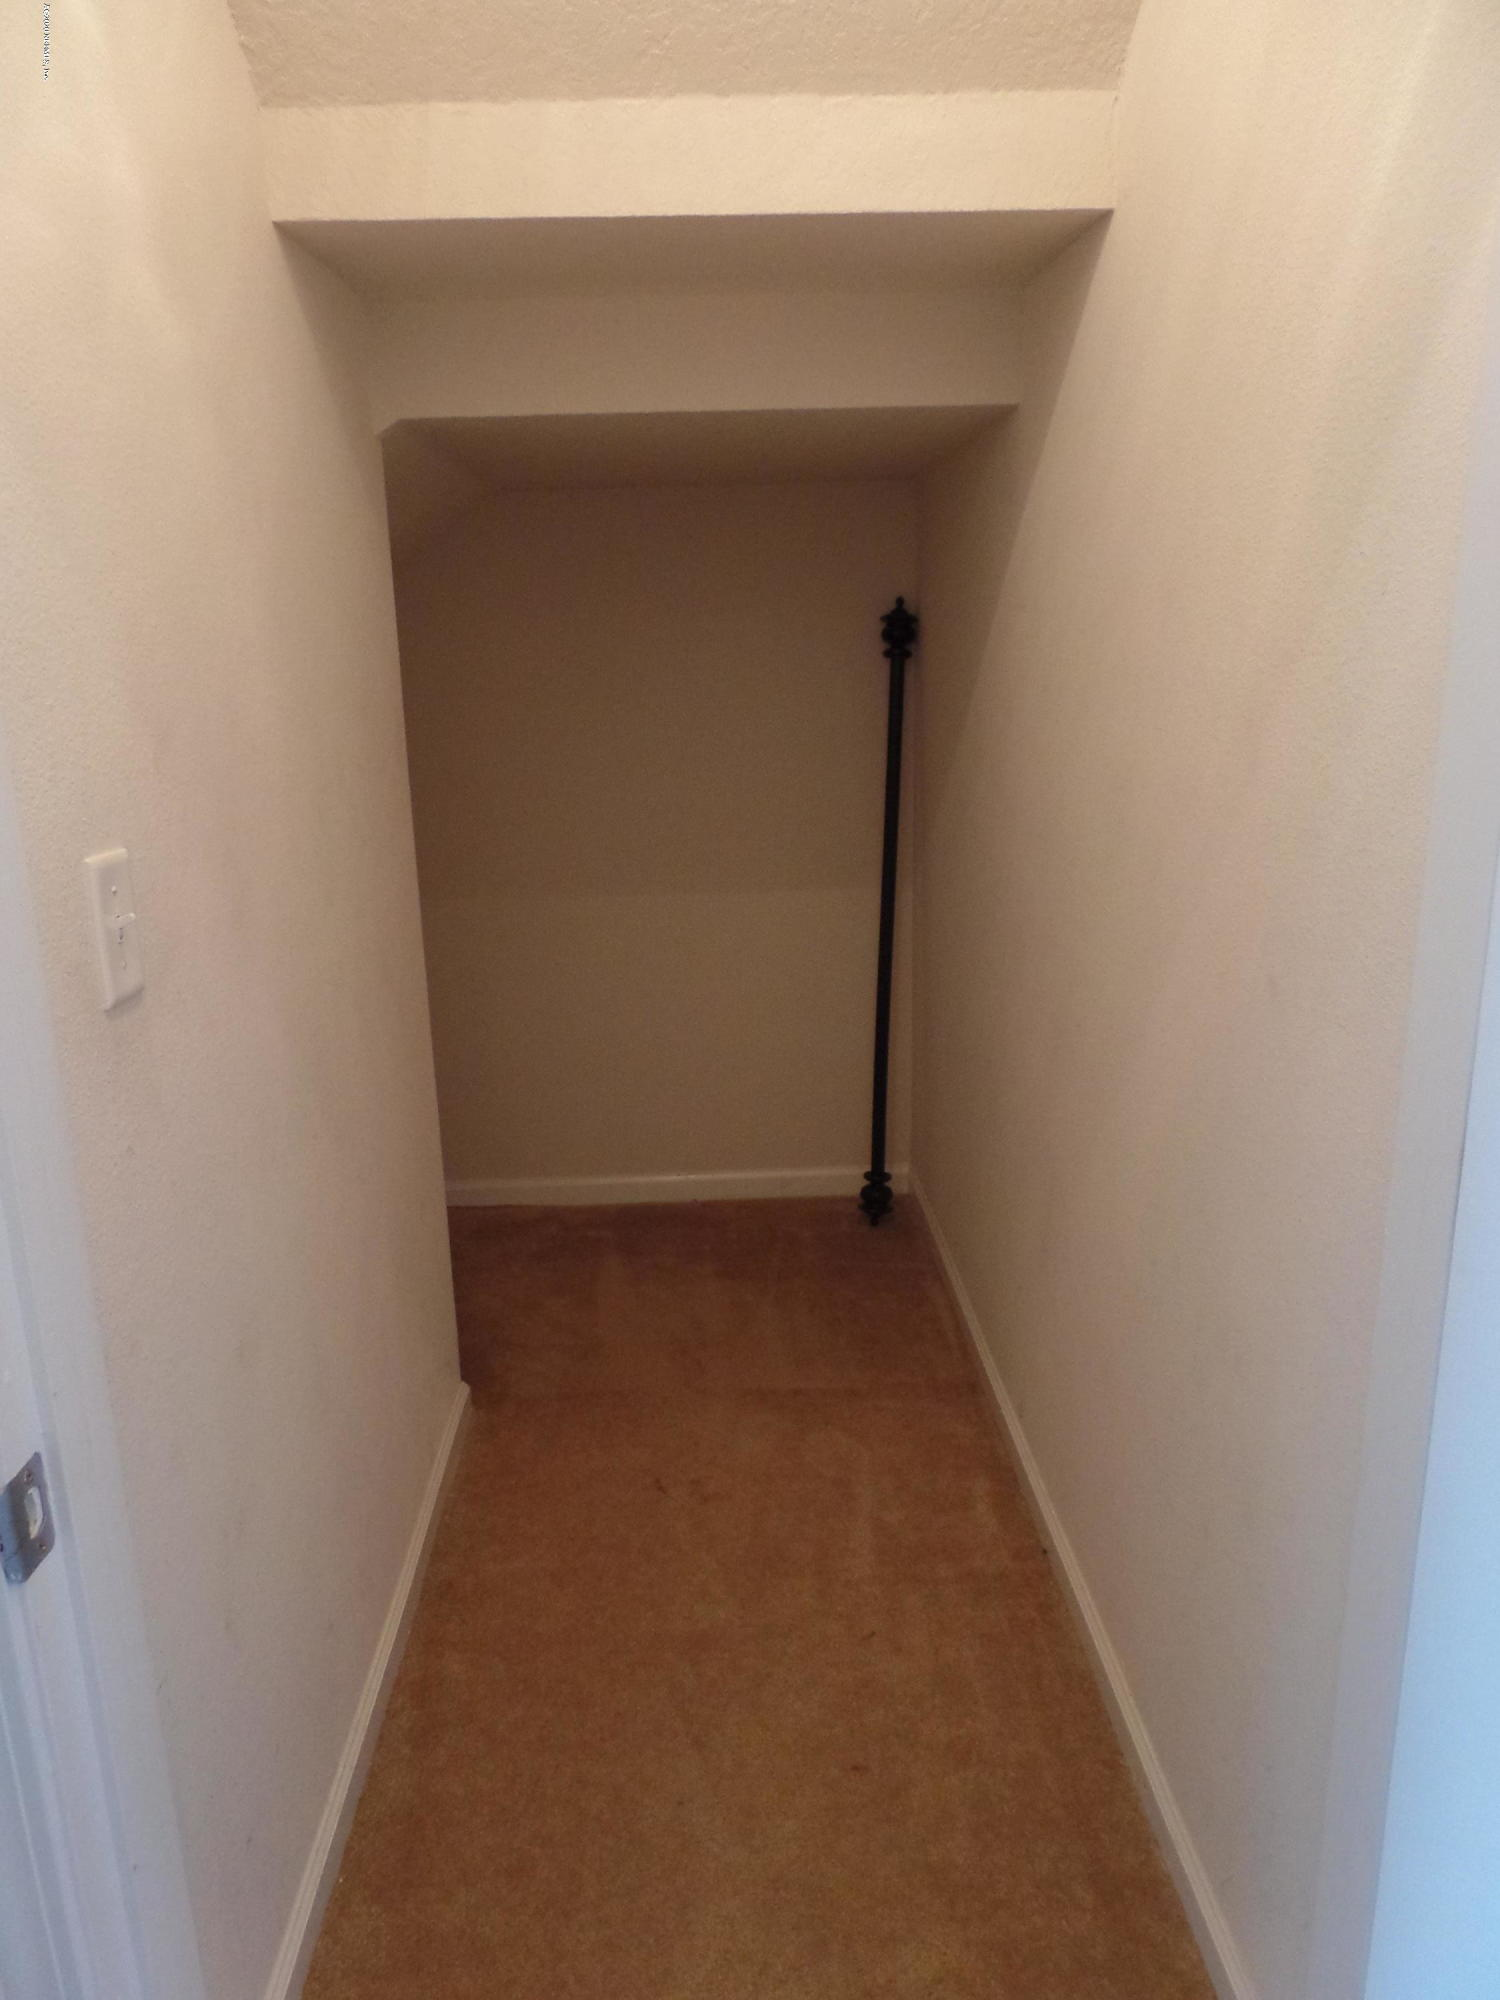 644 BIRCHBARK, ST AUGUSTINE, FLORIDA 32092, 5 Bedrooms Bedrooms, ,3 BathroomsBathrooms,Residential,For sale,BIRCHBARK,1042716